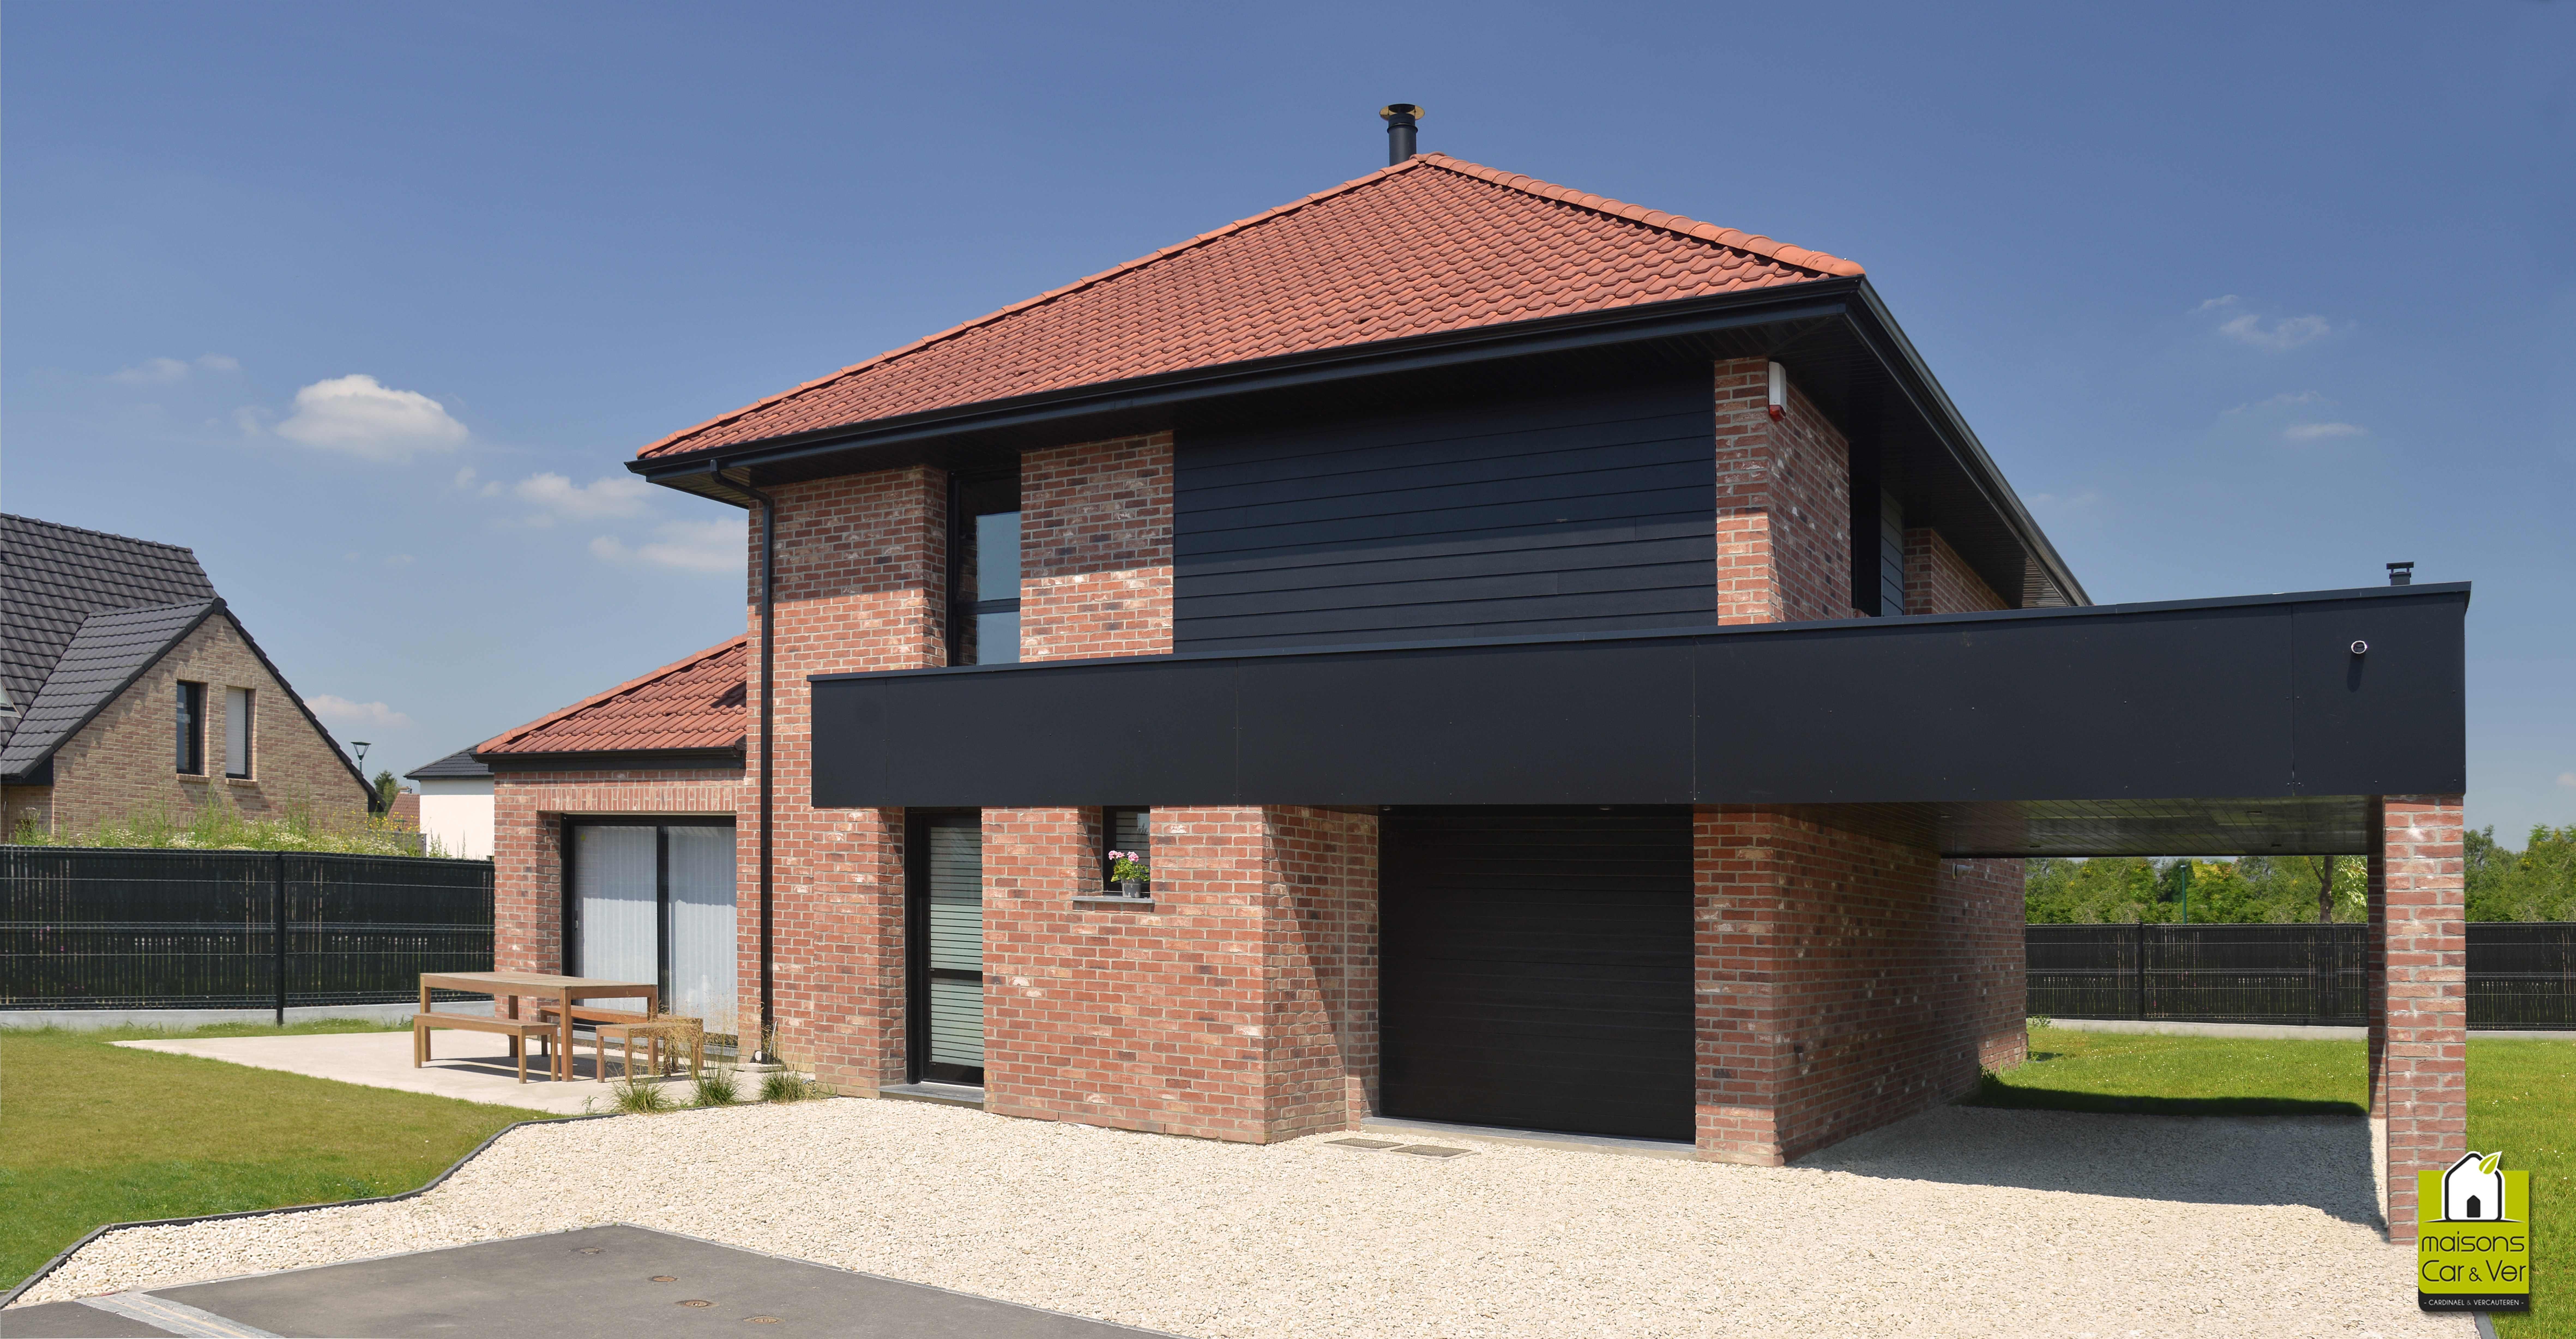 Maison brique toit 4 pans | Maison individuelle | Constructeur ...